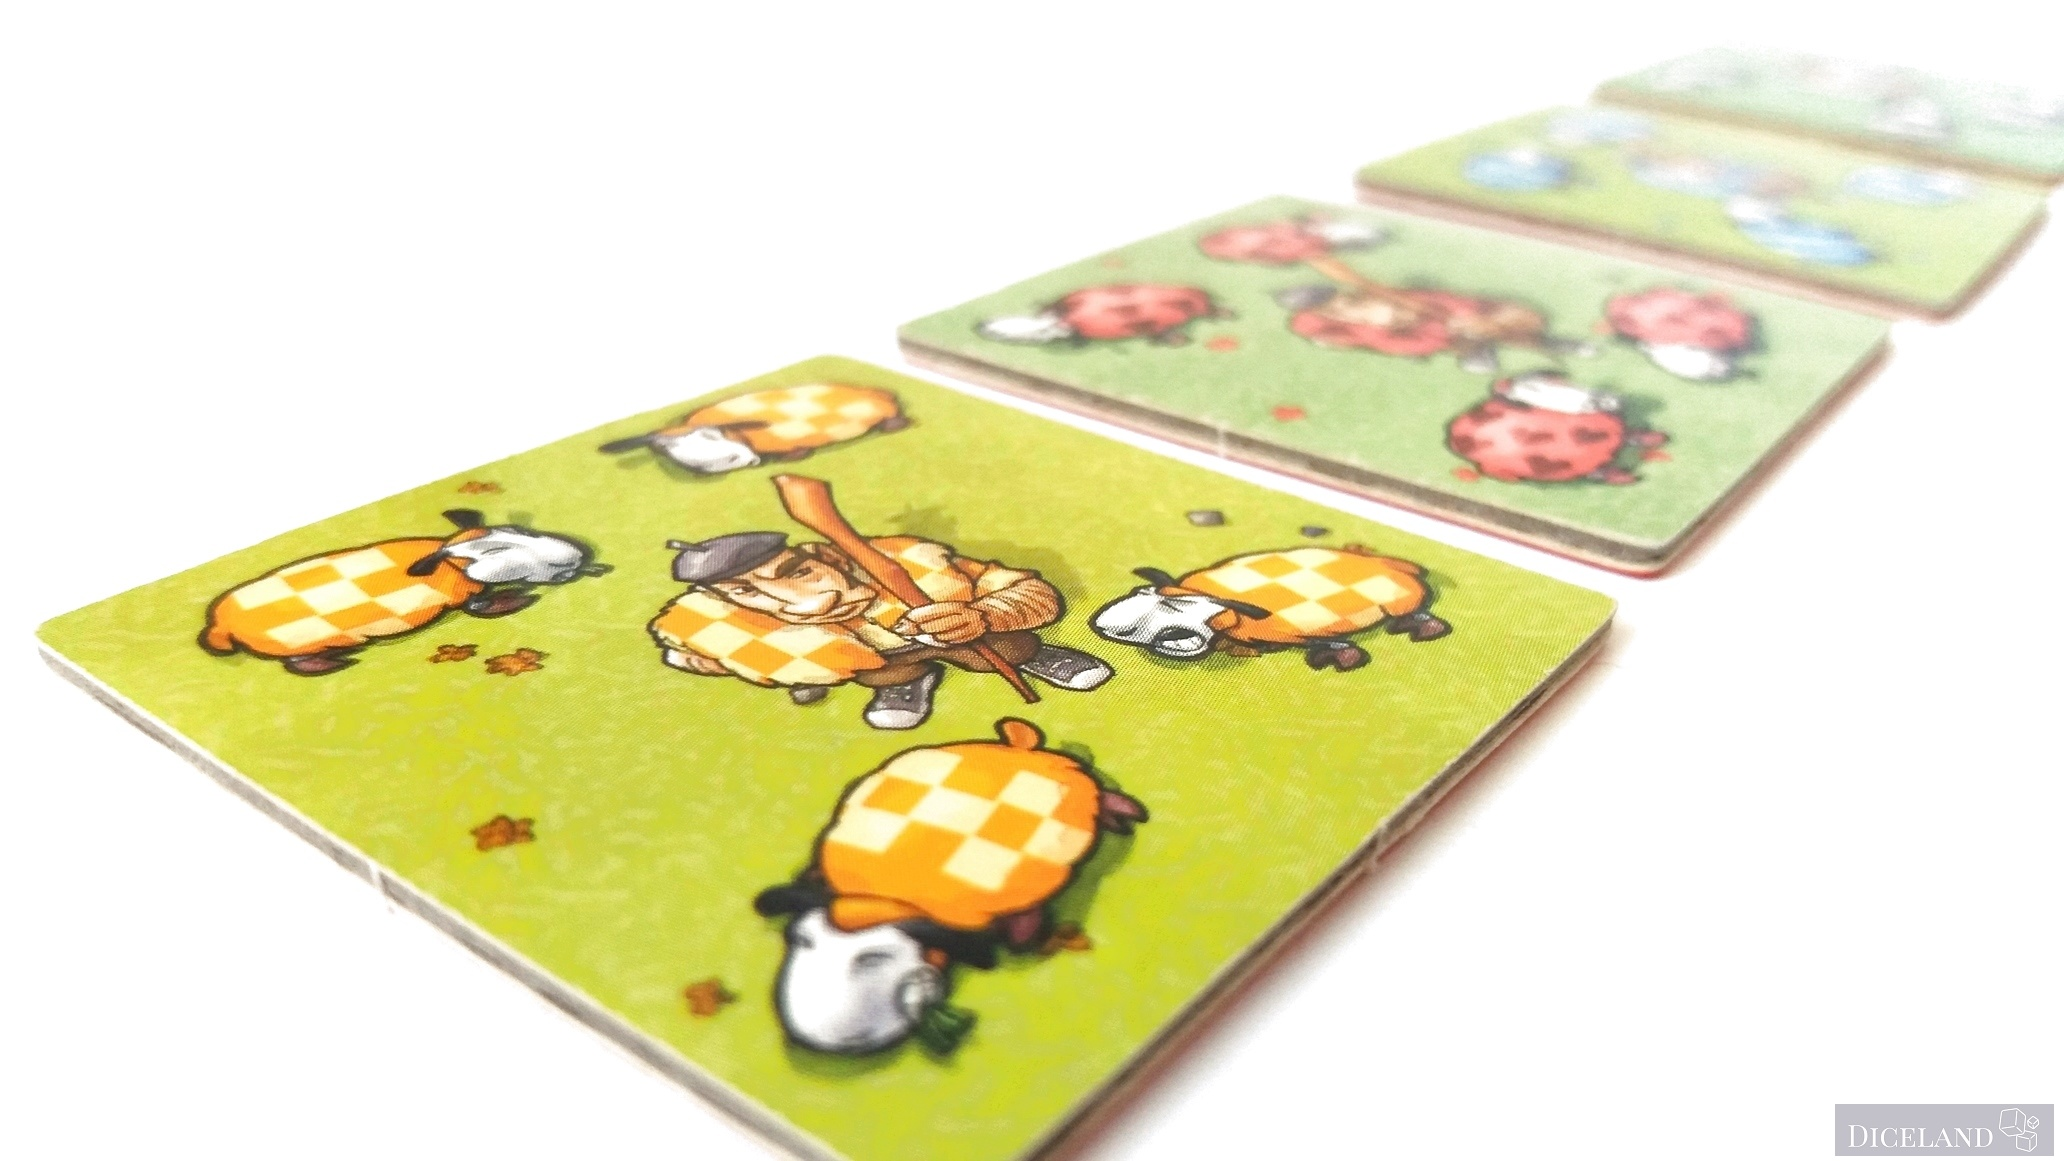 Wilki i Owce Diceland 3 Recenzja #2   Wilki i Owce